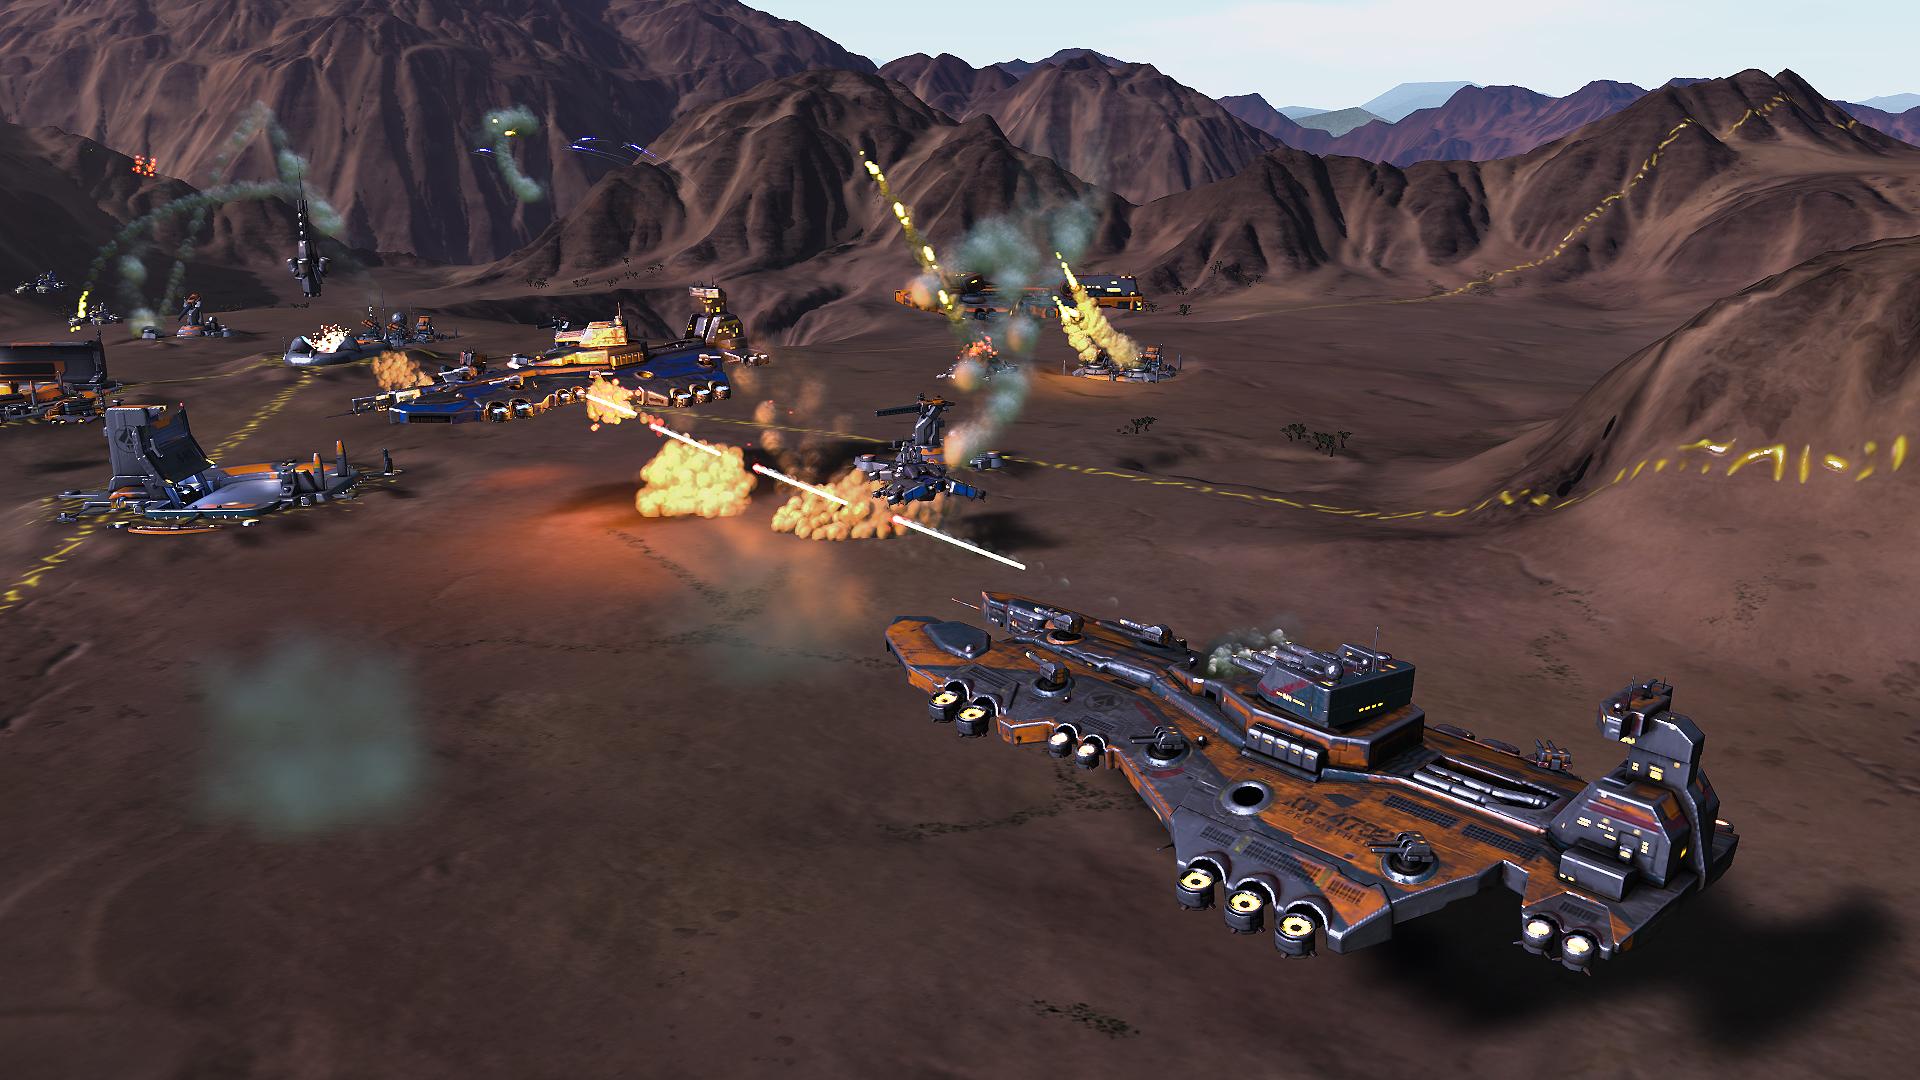 Utviklerne bak Ashes of the Singularity har sluppet et testverktøy, men spillet er langt fra ferdig.